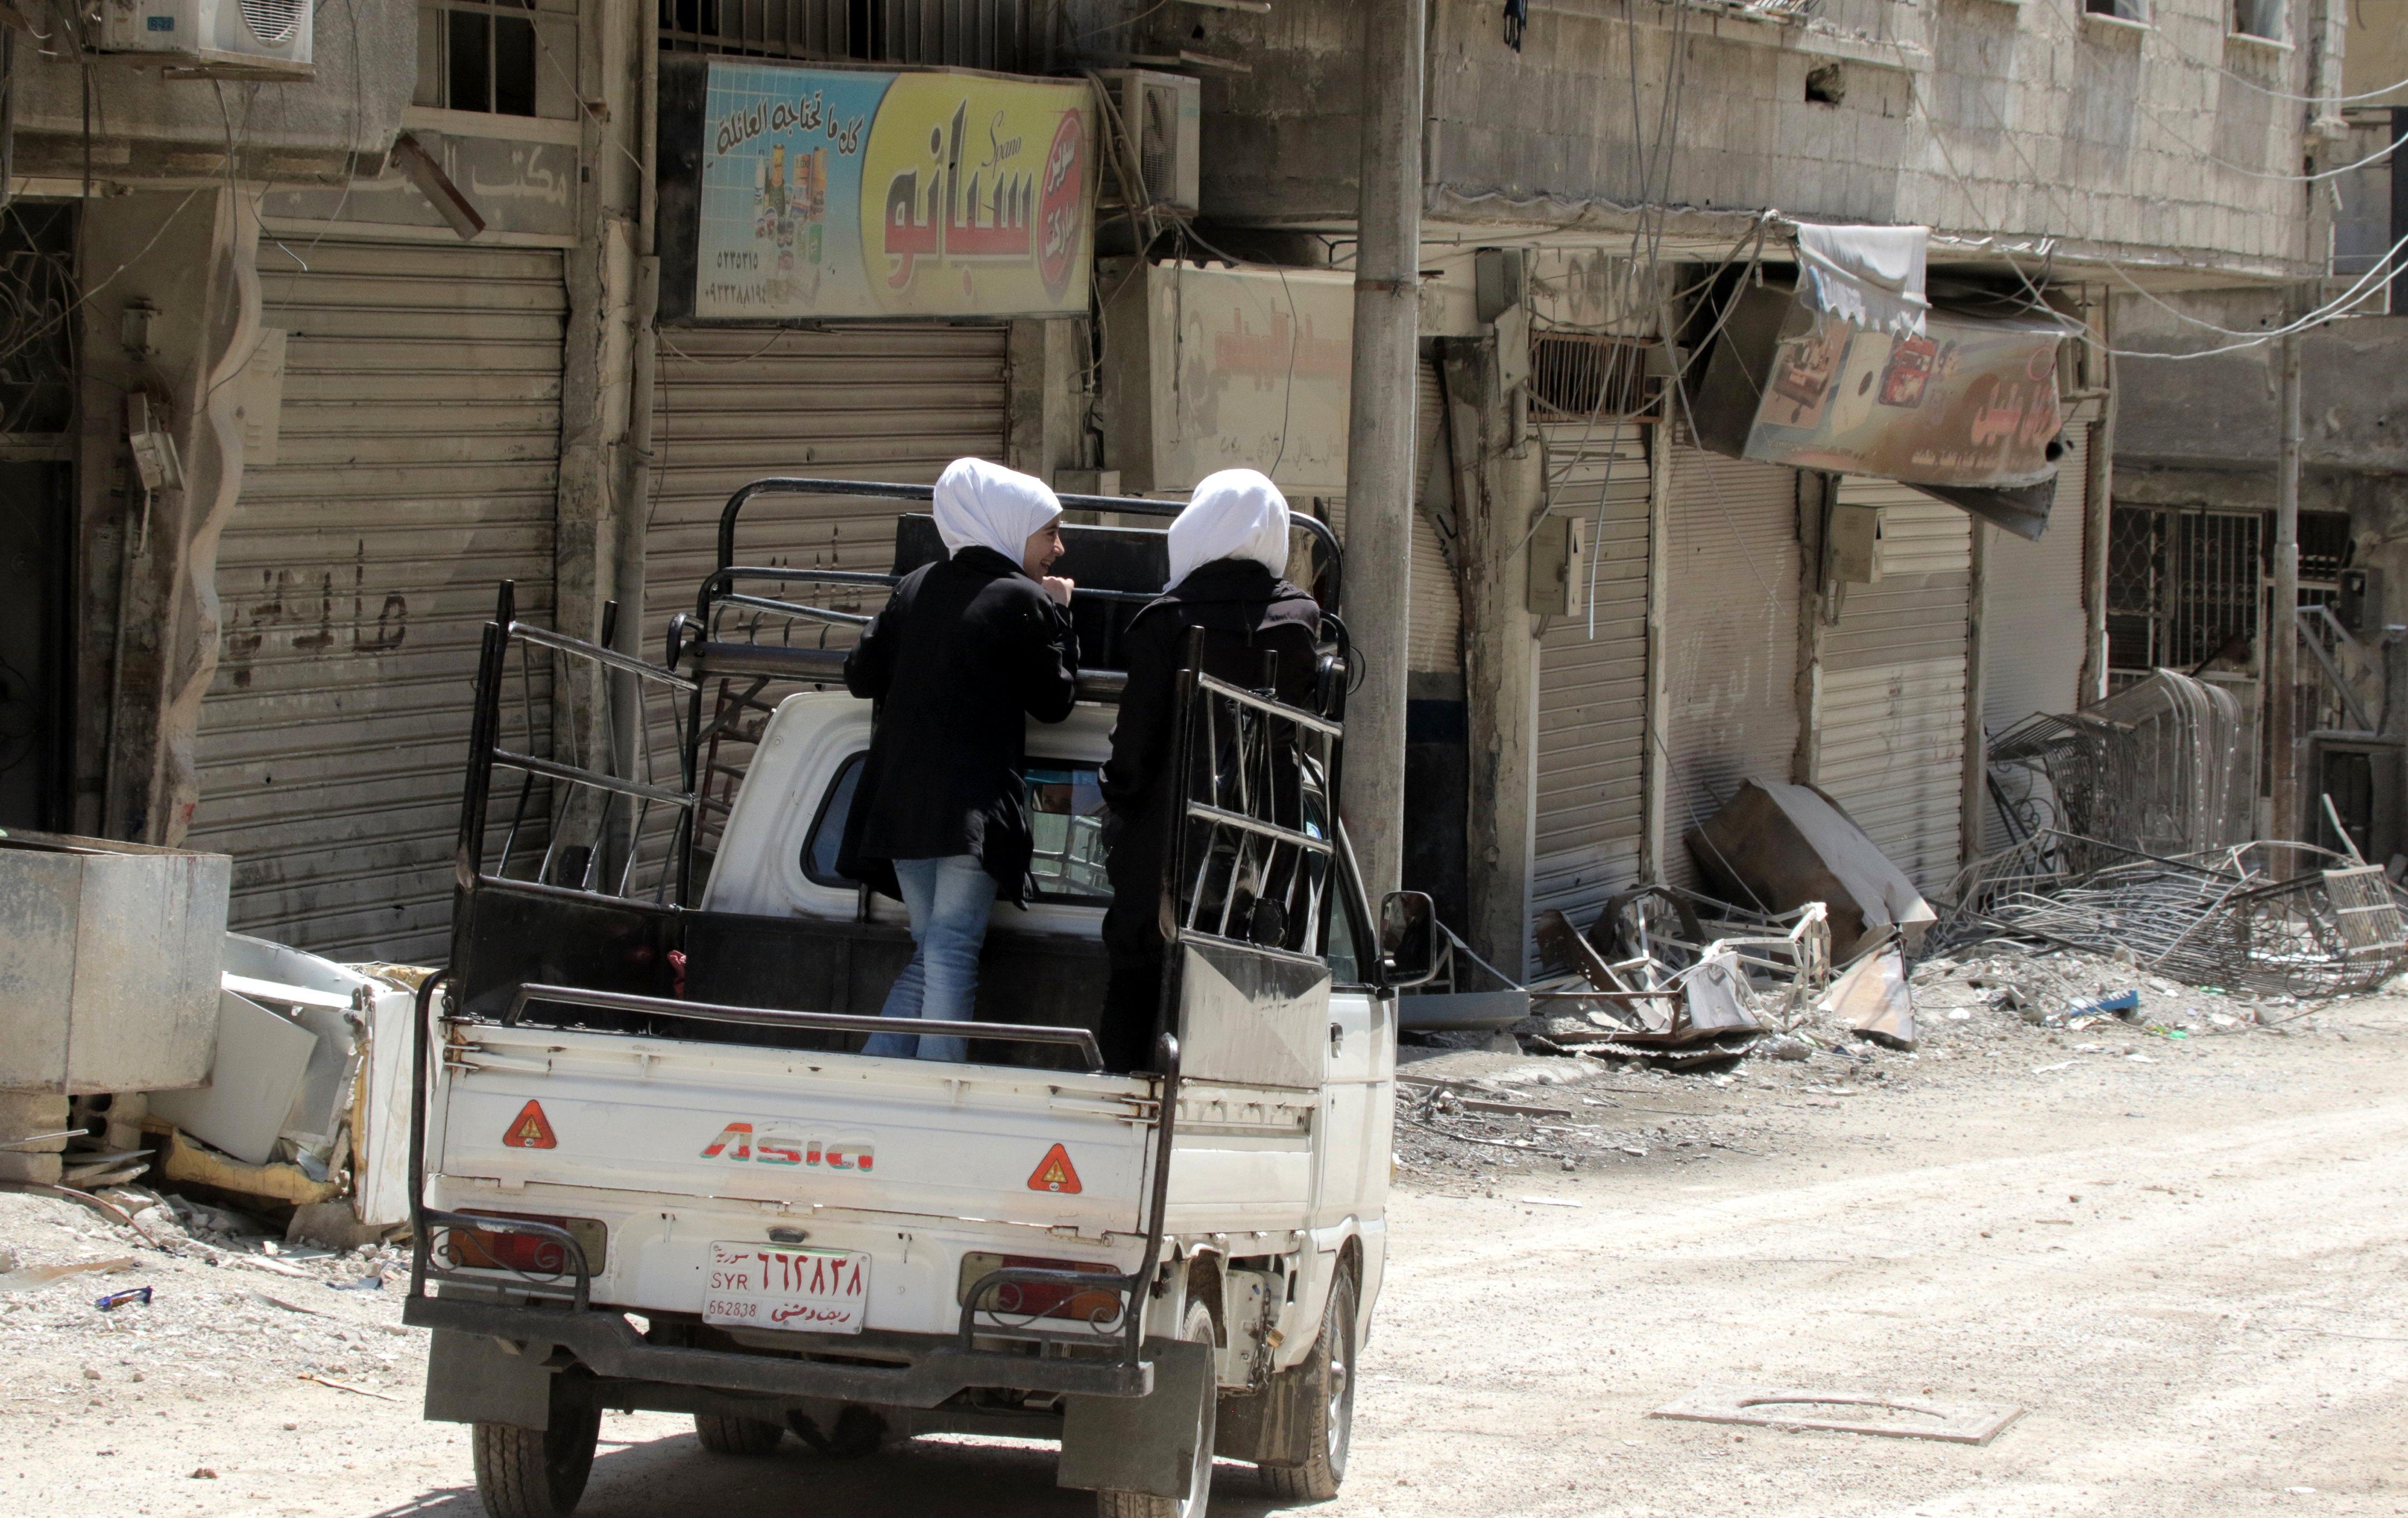 Njemački ministar poziva Rusiju da pomogne u rješavanju krize u Siriji